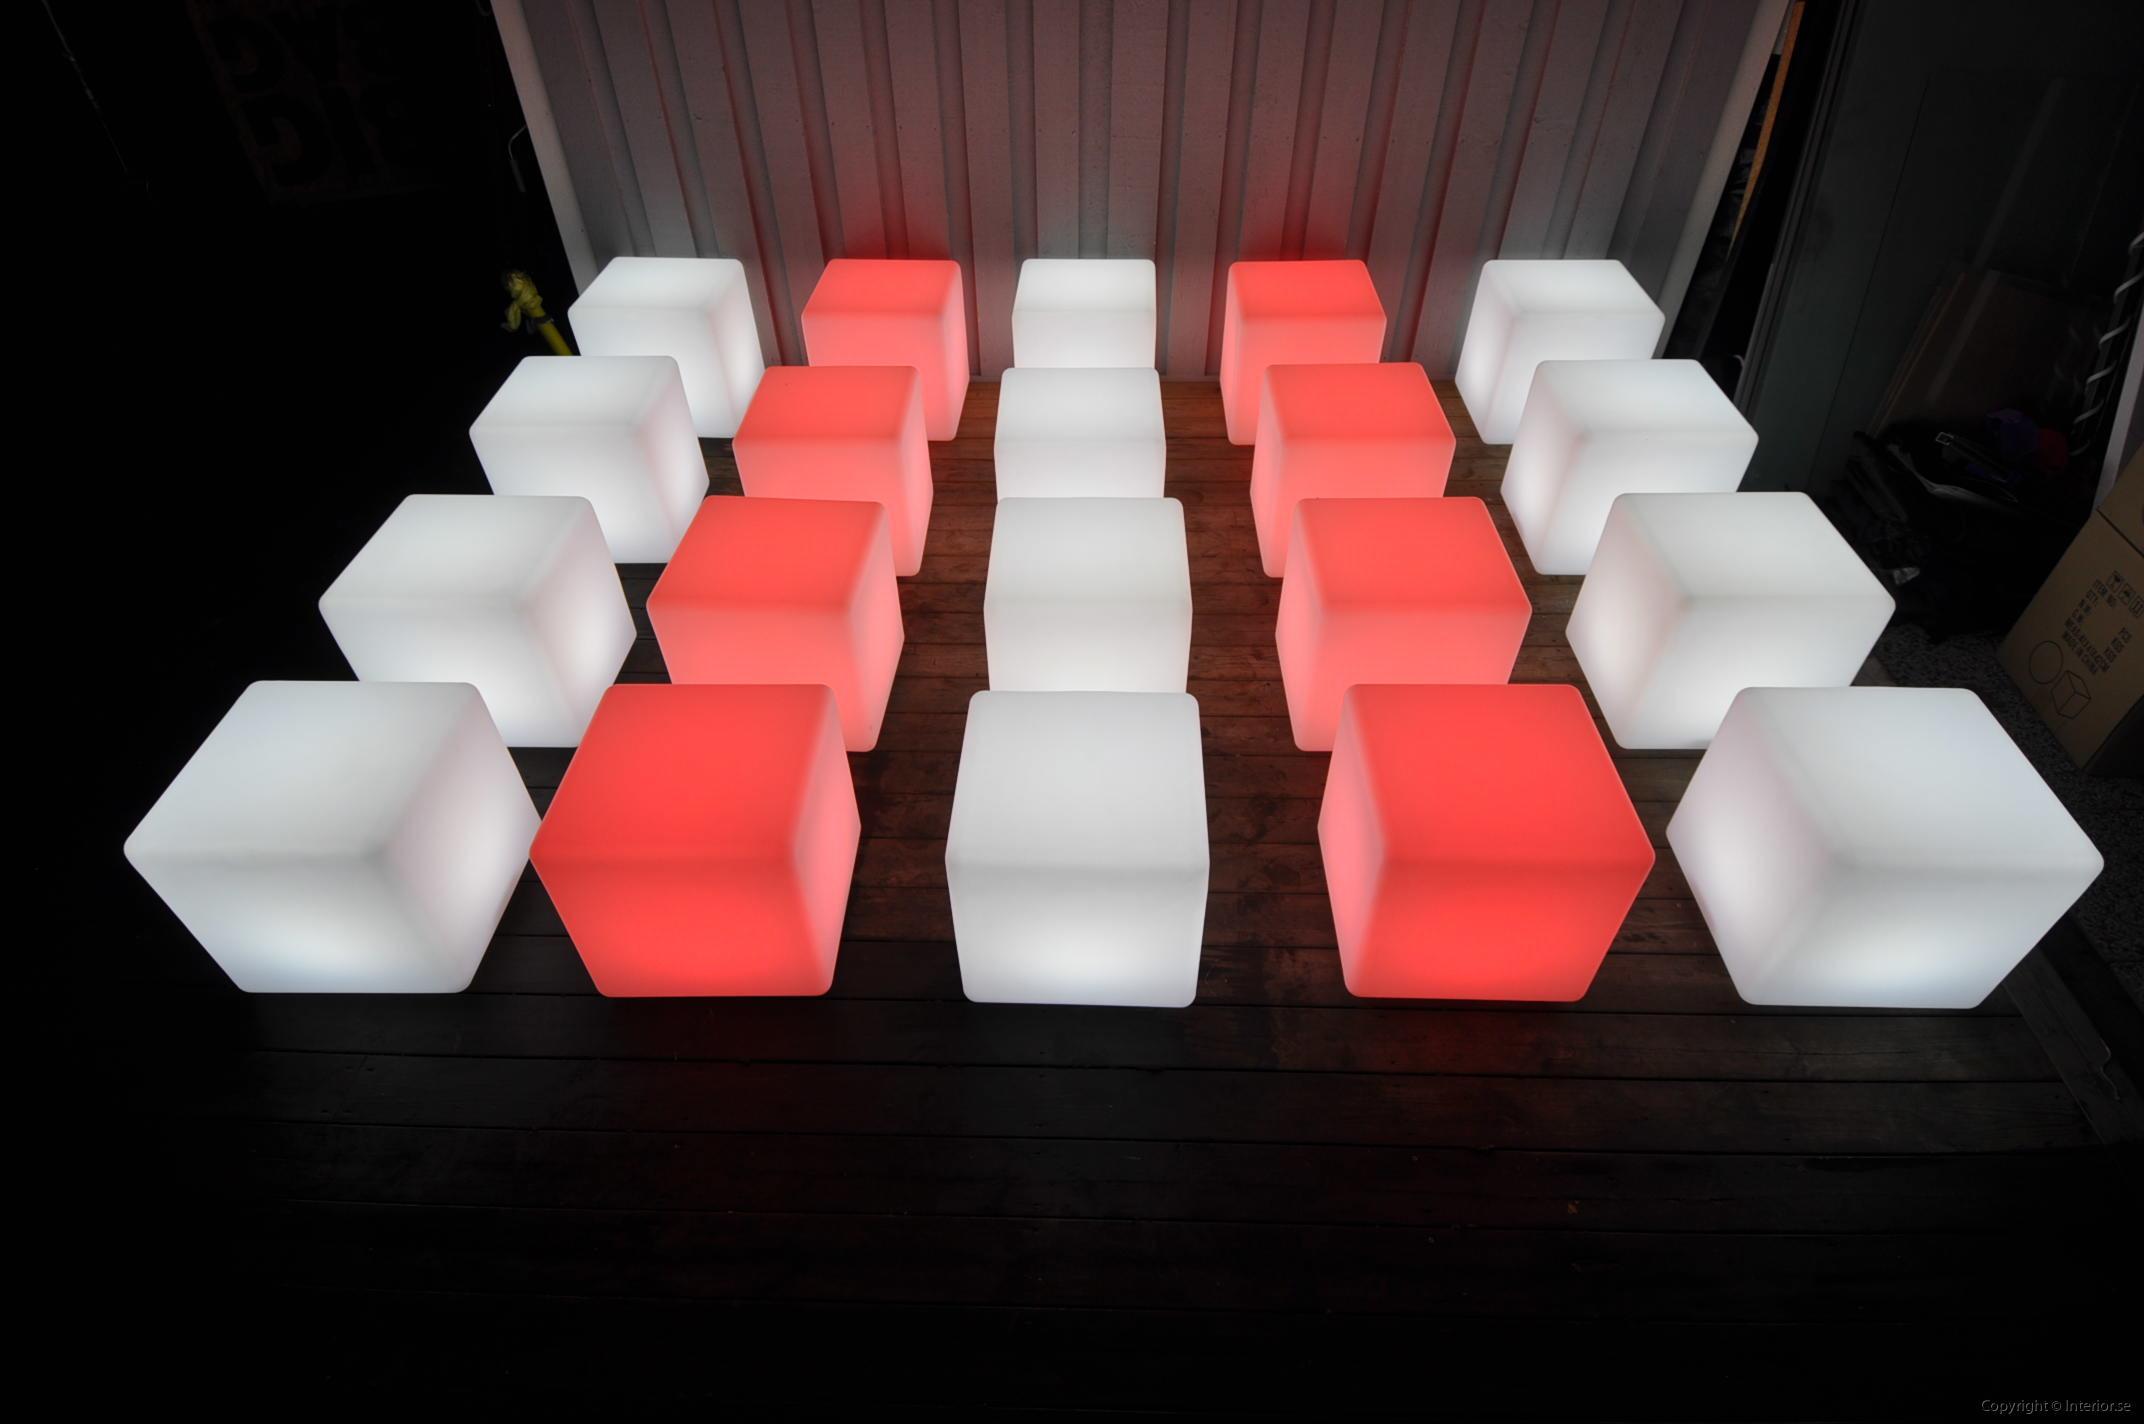 Hyra led möbler ledmöbler stockholm event möbler hyr möbler stockholm event led furniture hire stockholm (5)